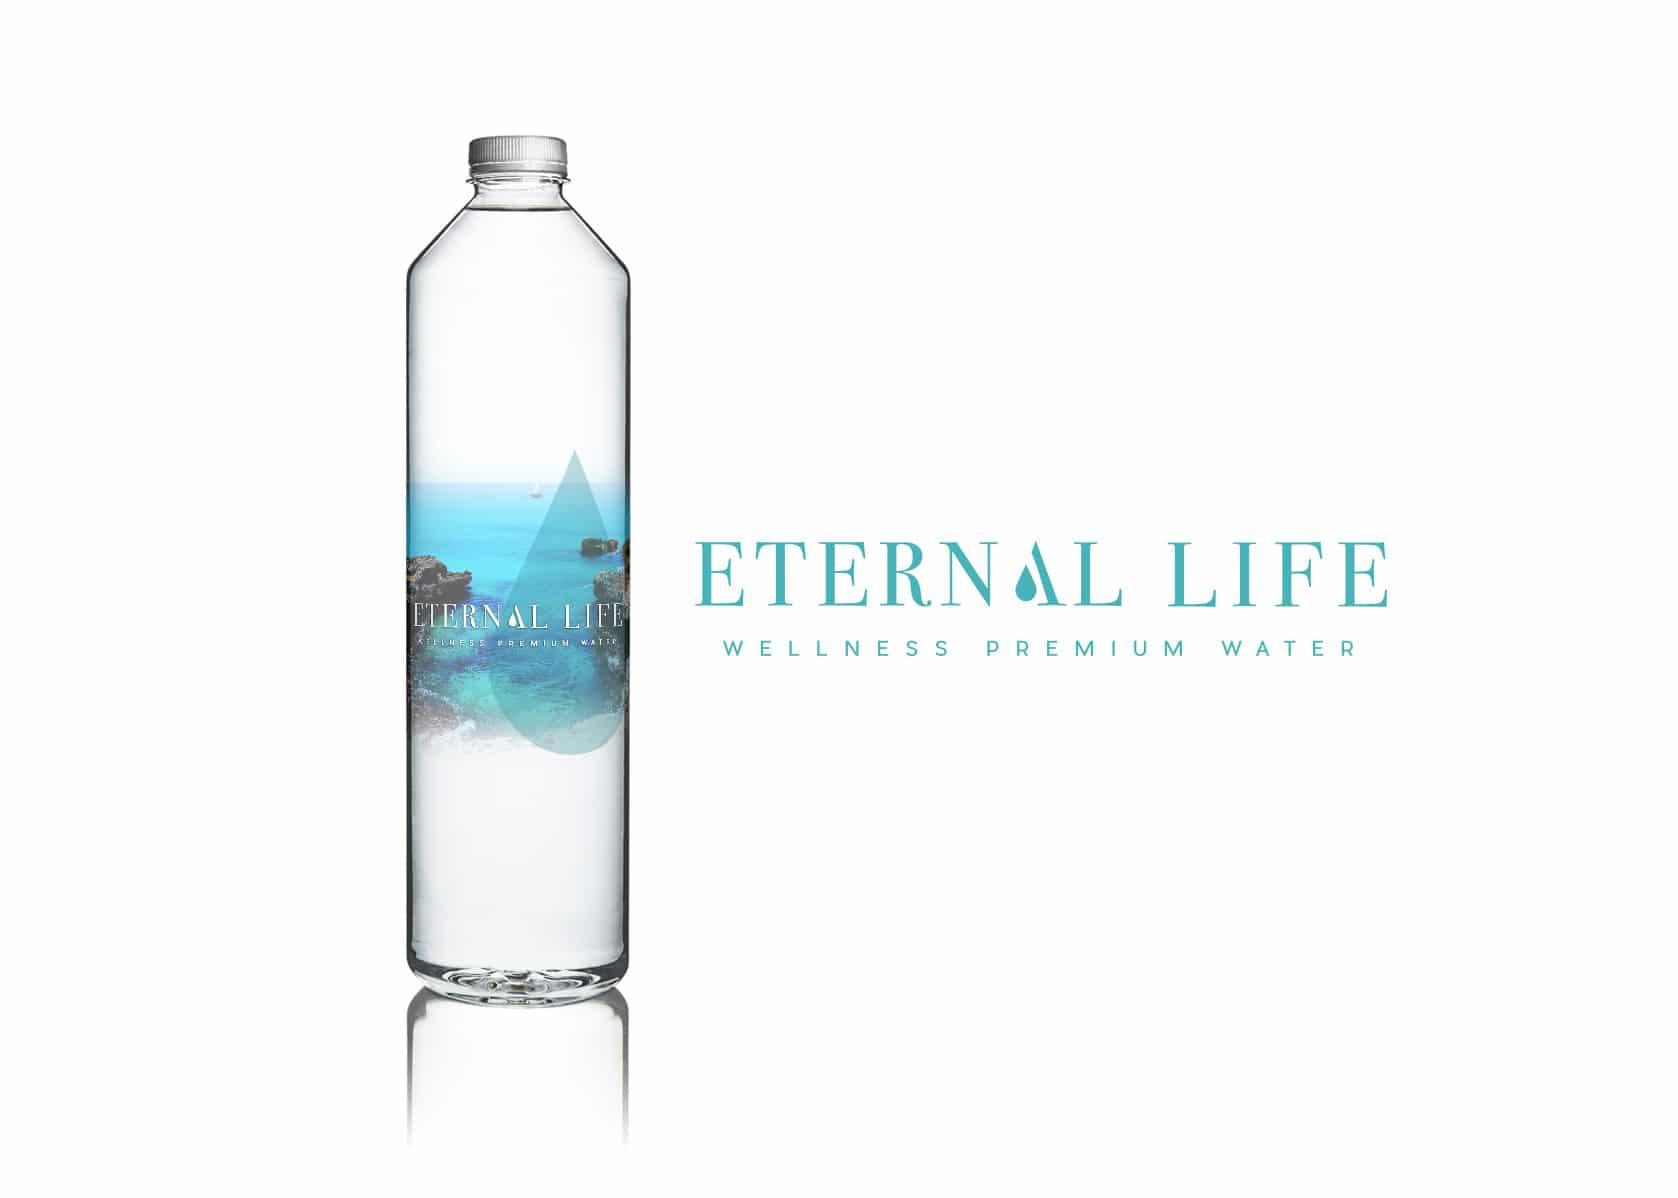 eternal life, water branding, premium water brand identity, branding